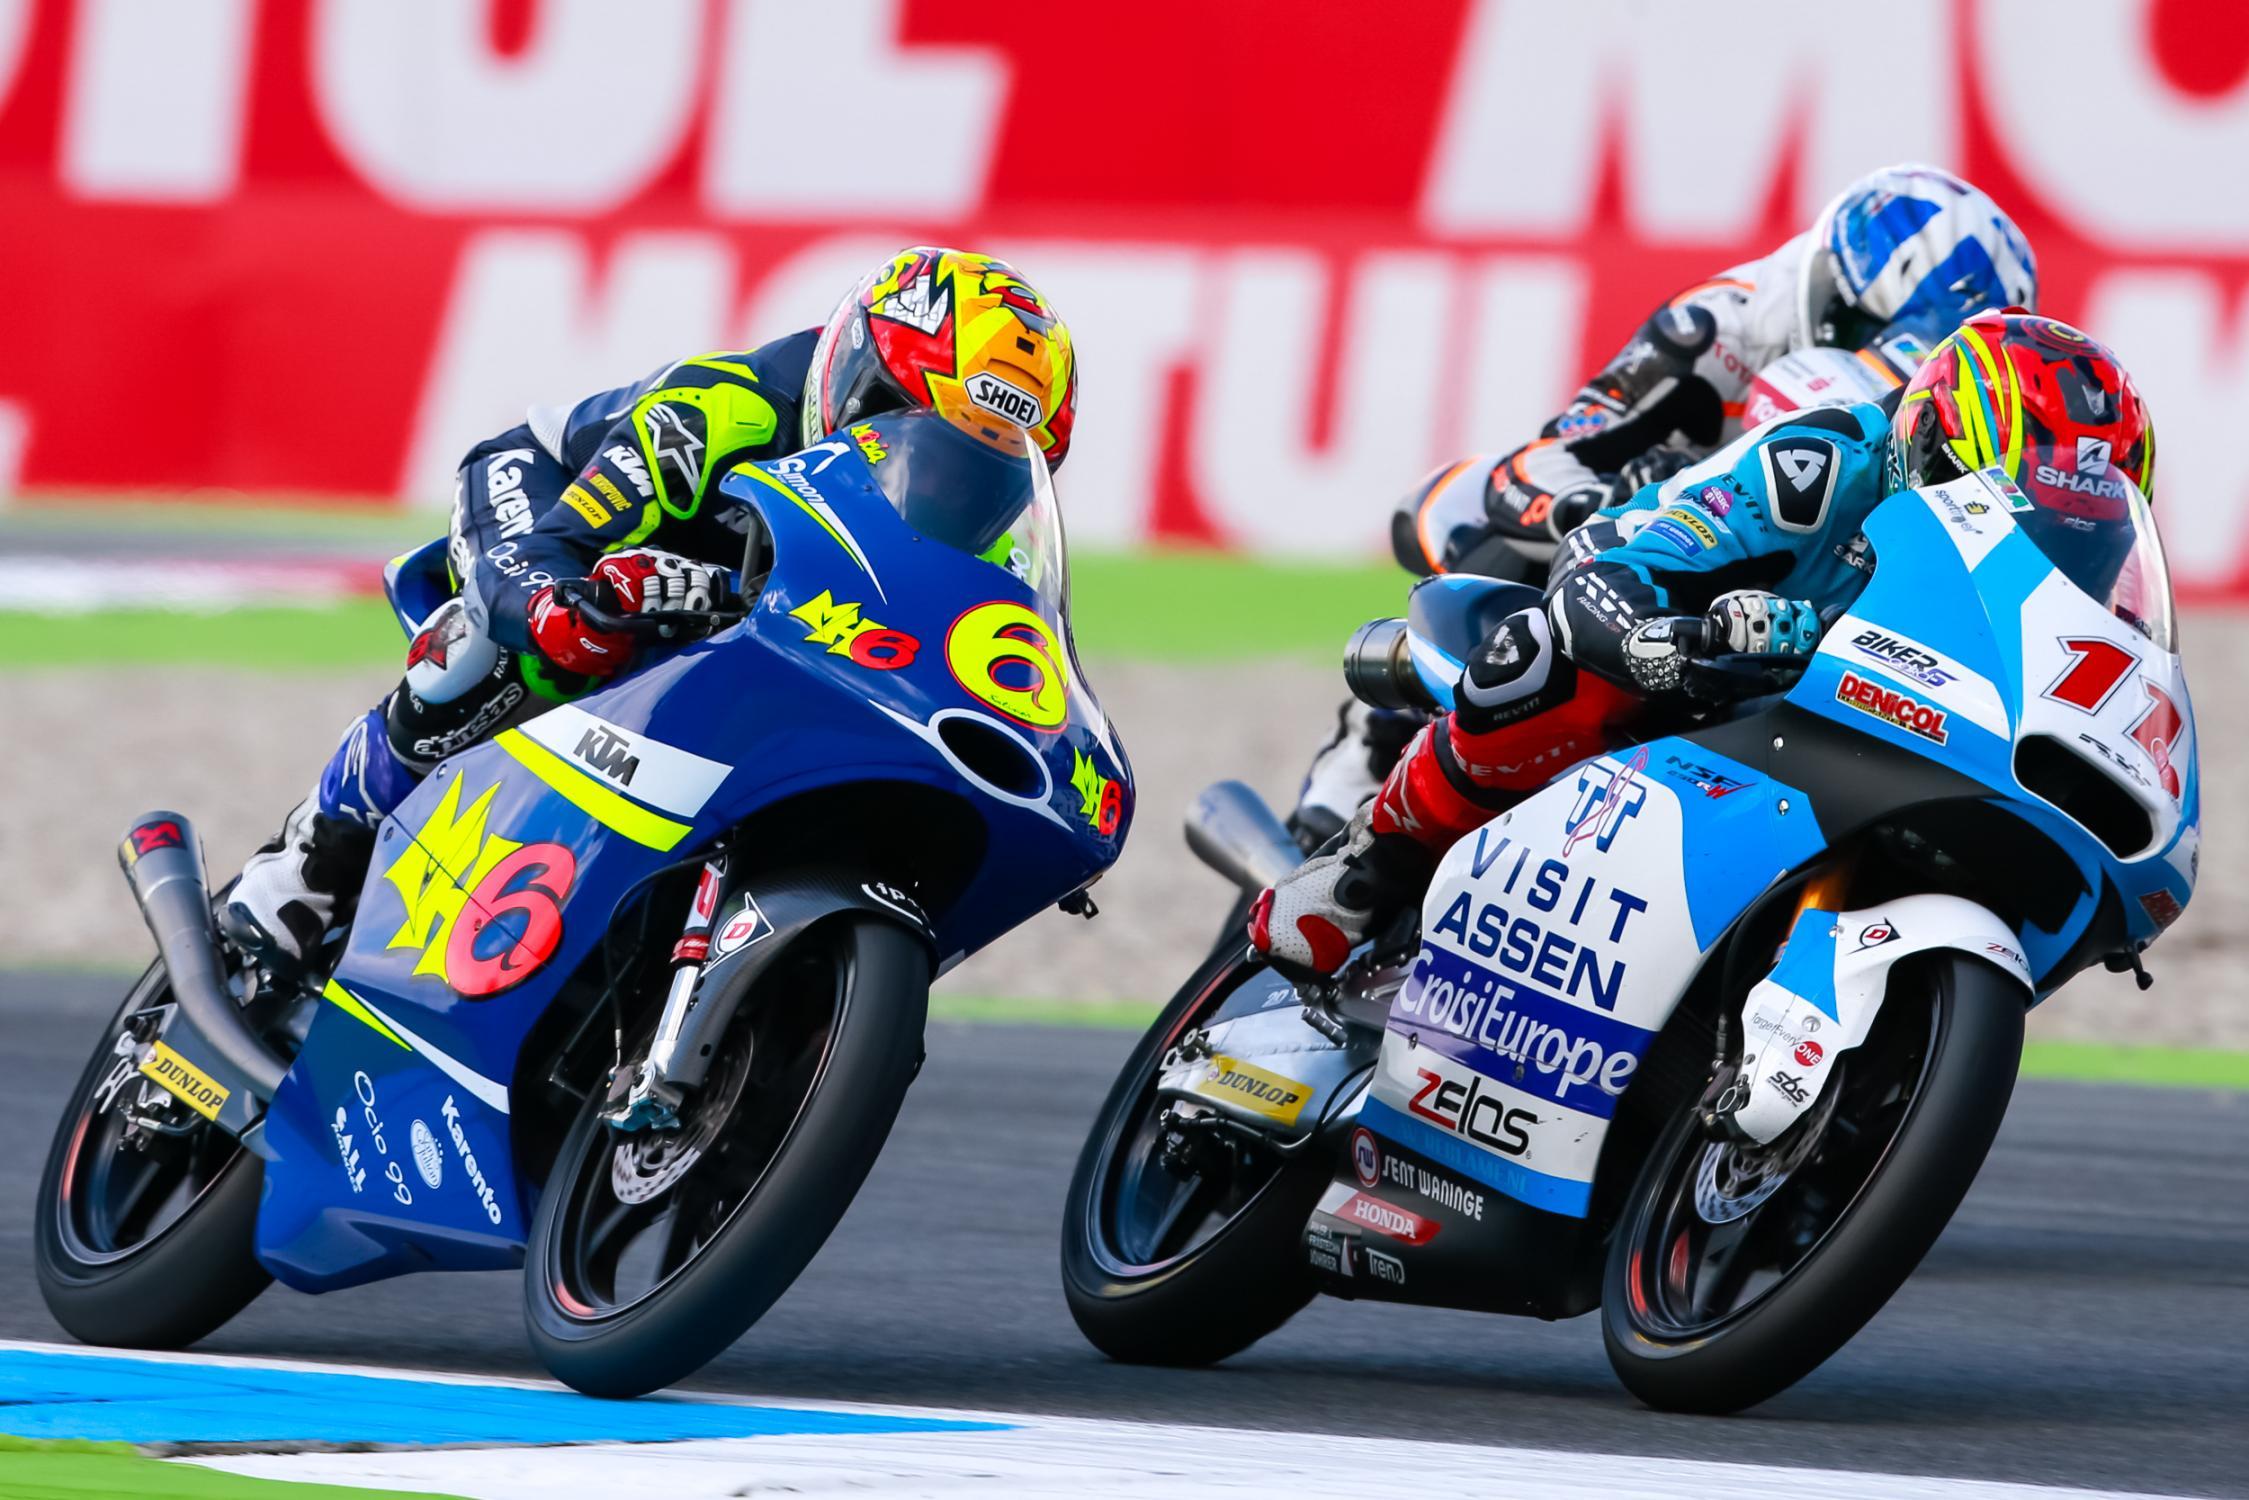 Motul - News/ The Drum - Another Motul TT Assen MotoGP for